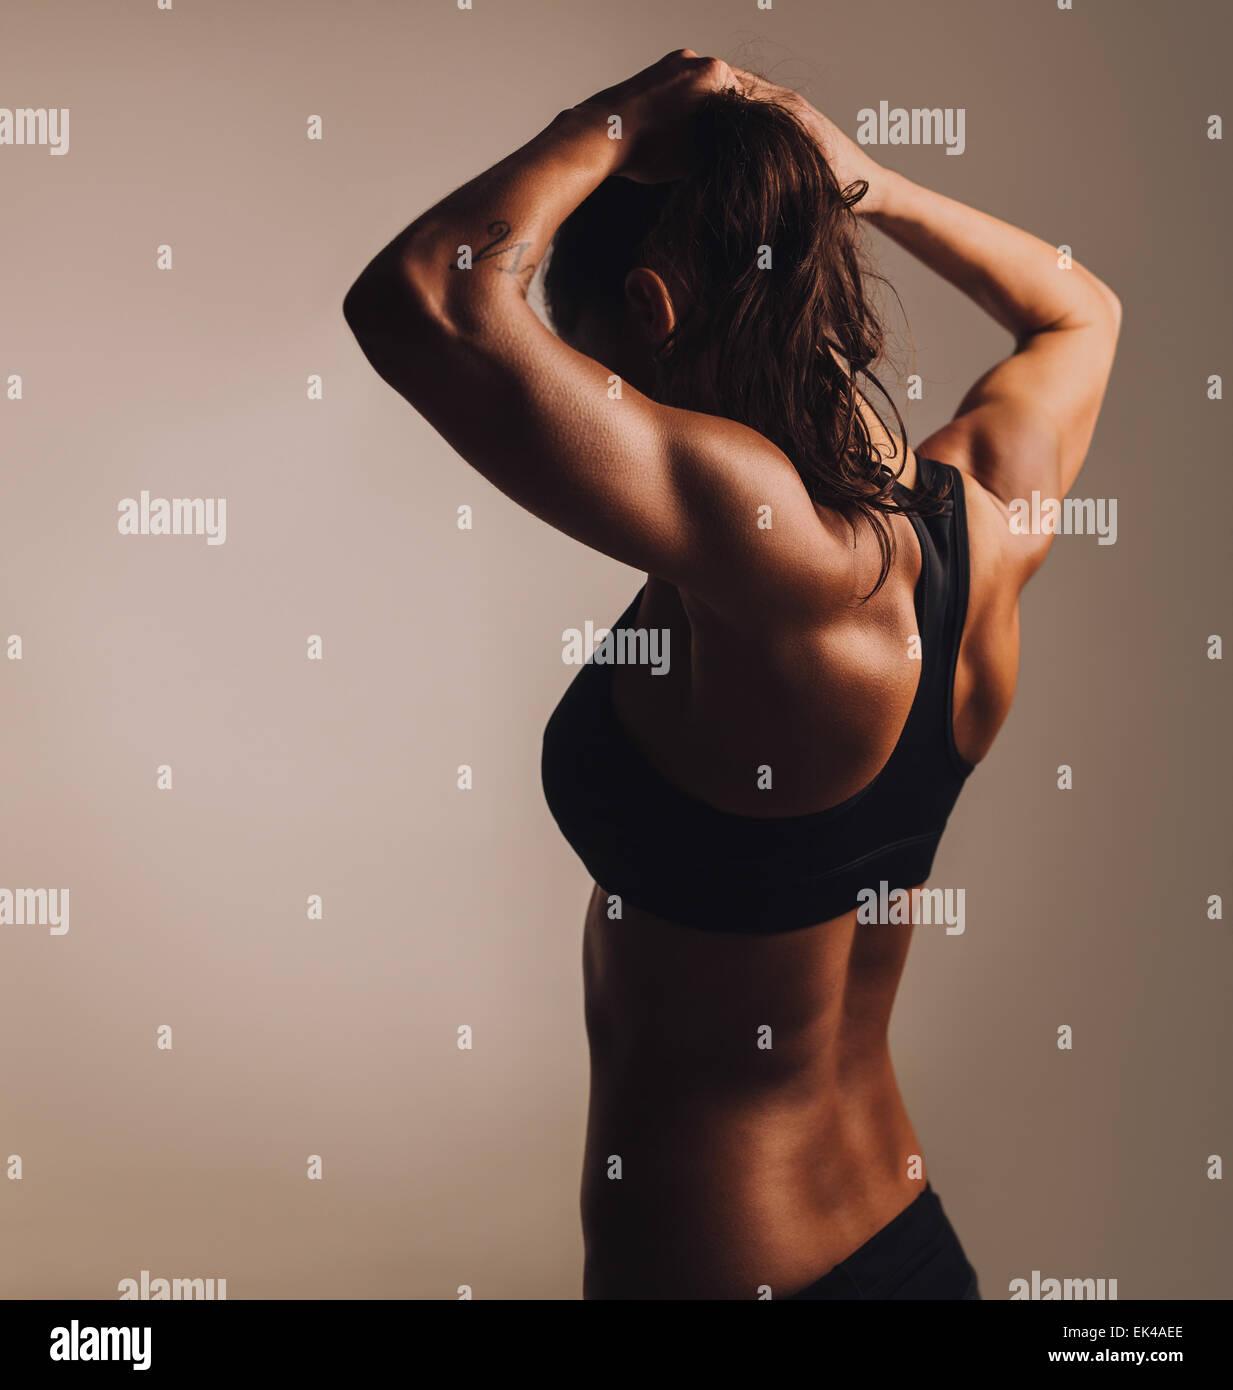 Vista posteriore del giovane donna culturista che mostra corpo muscoloso. Femmina Fitness mostra retro muscolare. Immagini Stock